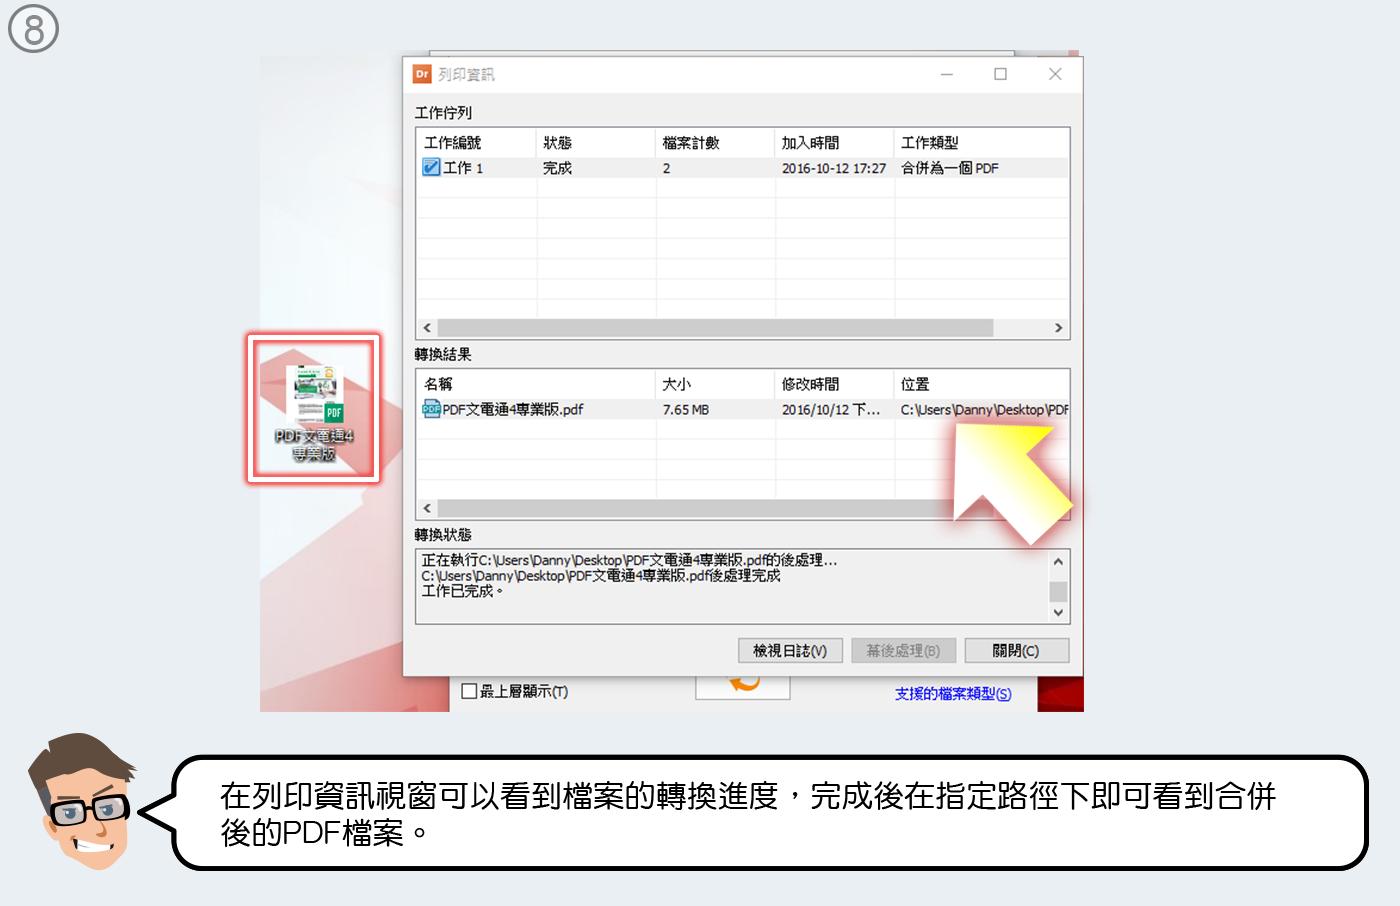 [懶人包]合併多個檔案為一個PDF - 文電通的事務所